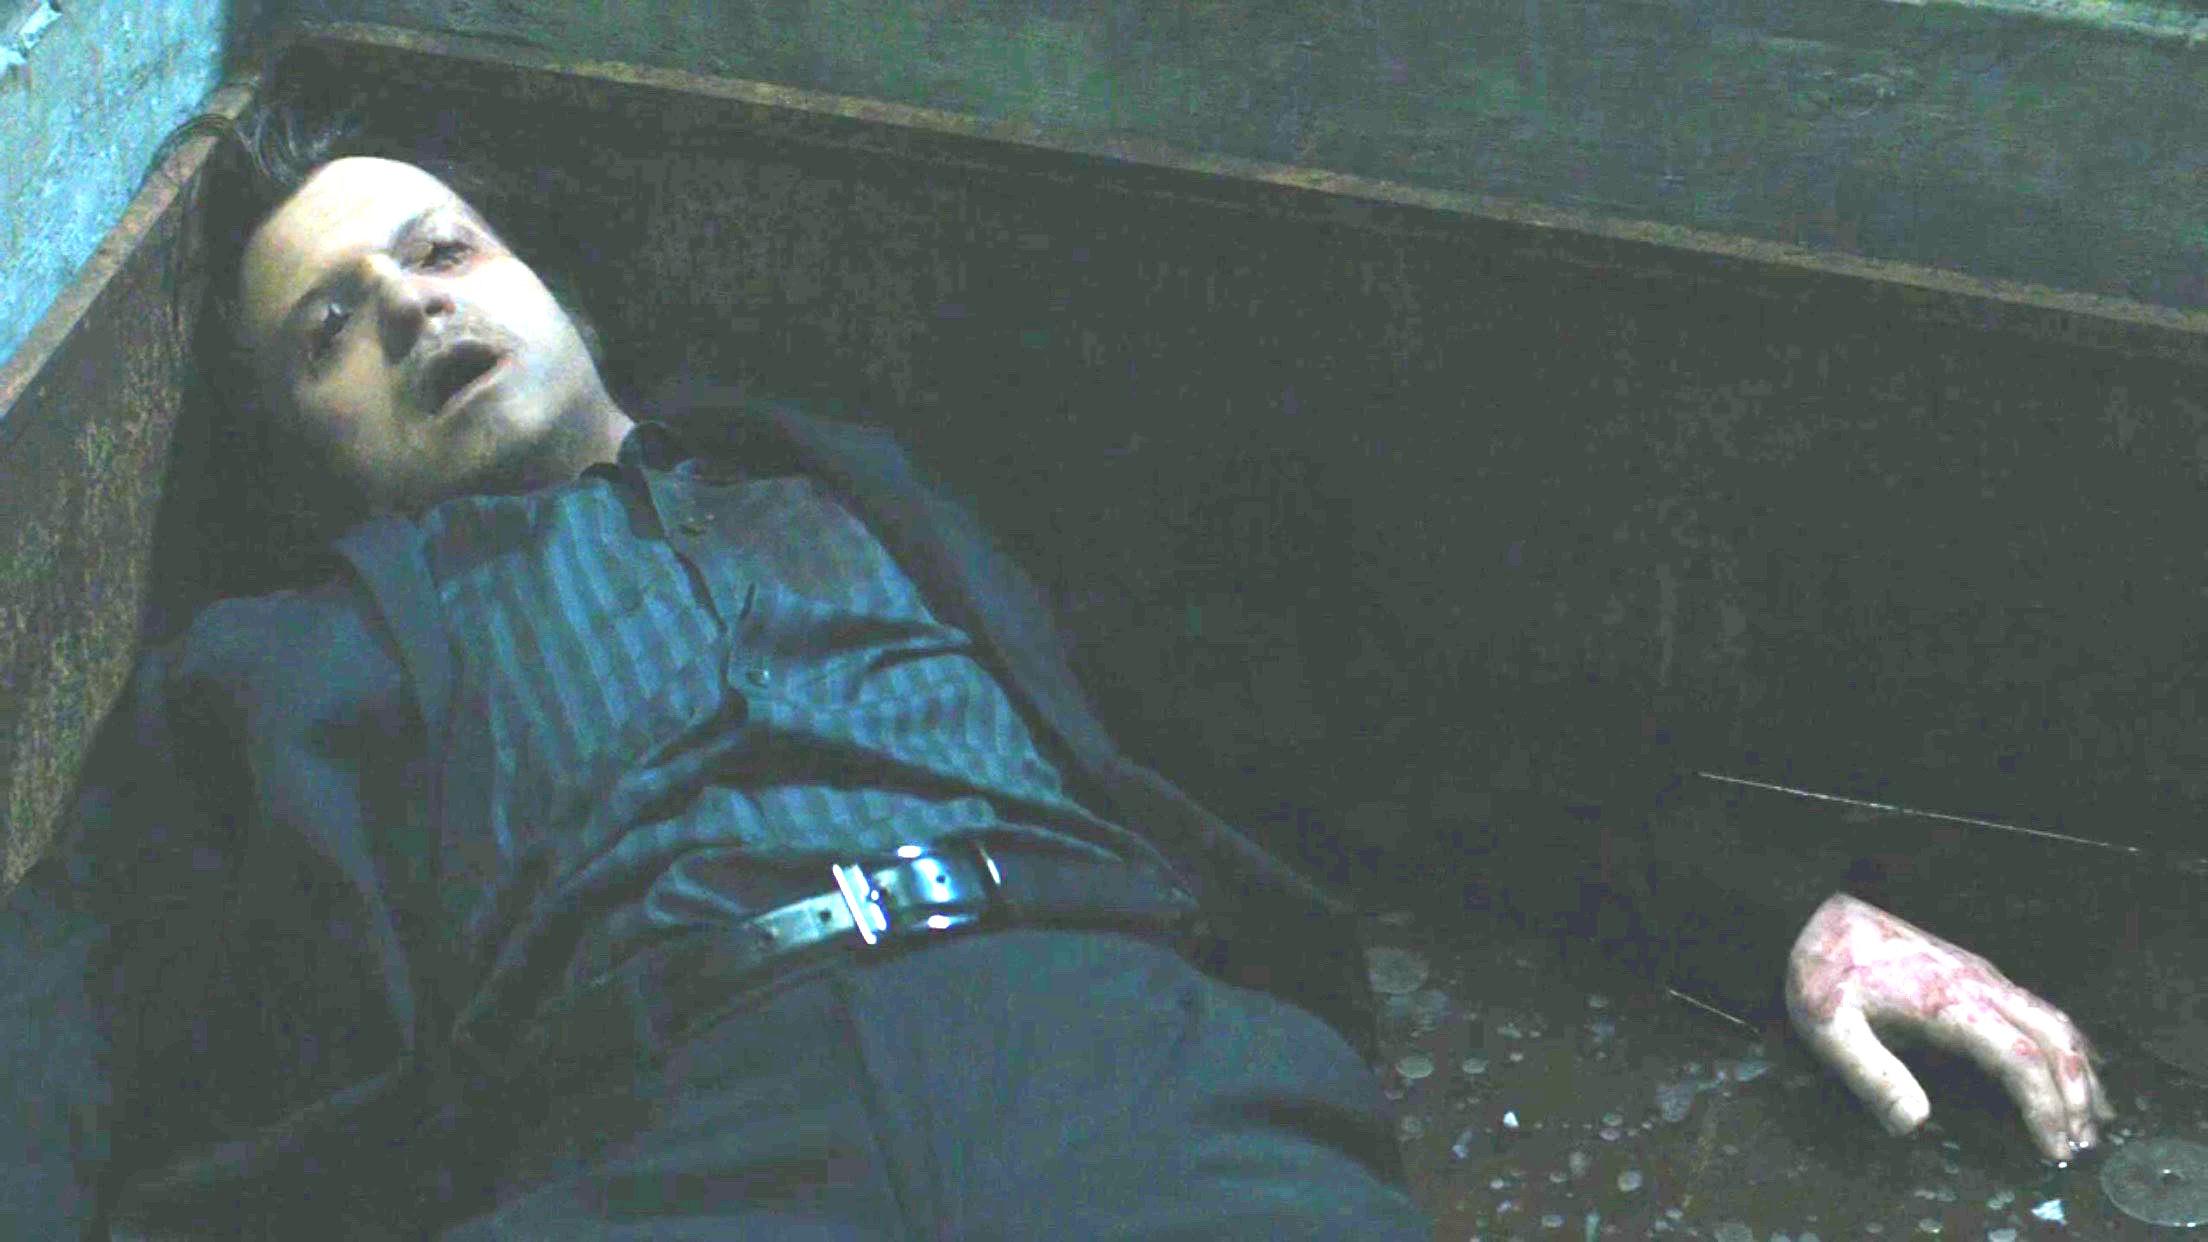 Frank's dead henchman Stan